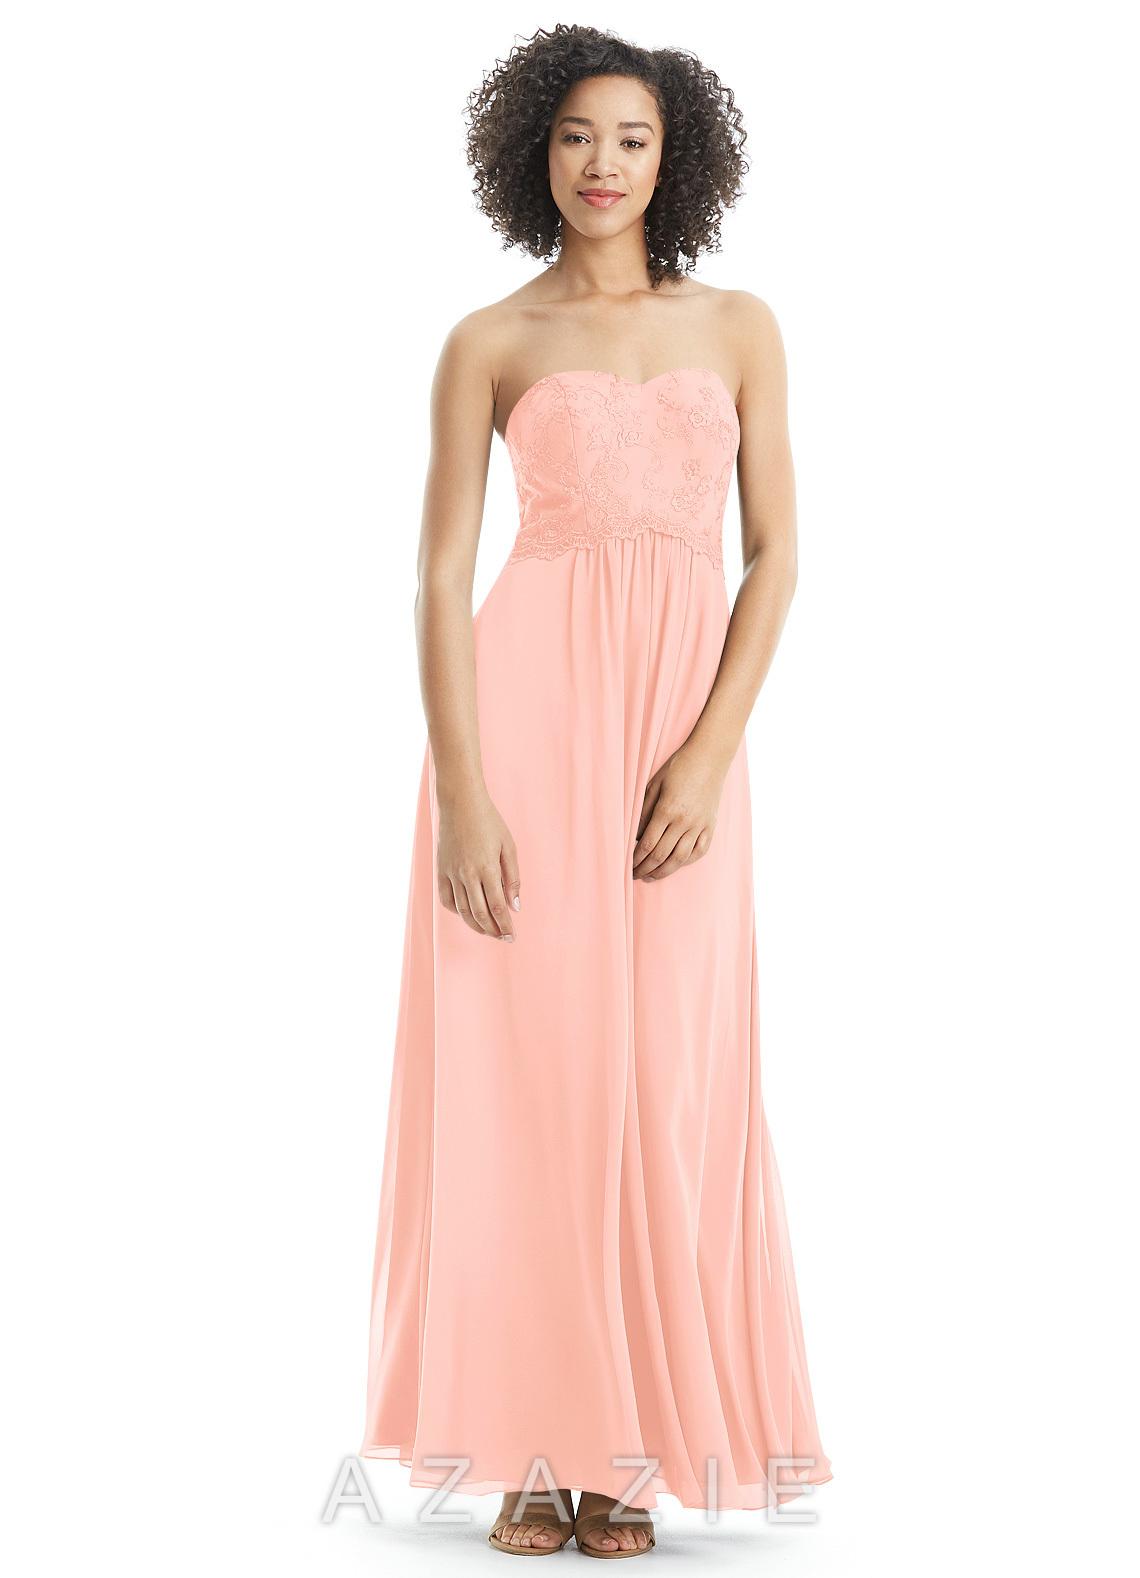 Lace bridesmaid dresses lace gowns azazie azazie maryjane azazie maryjane ombrellifo Images